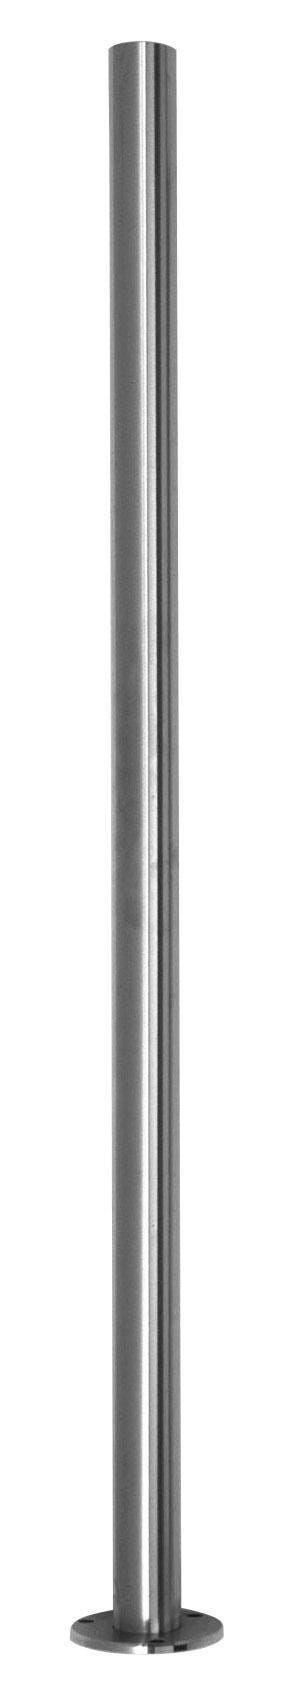 pro_metal_design montante a piastra inox aisi 316 Ø 42,4x2x1000 mm per ringhiere